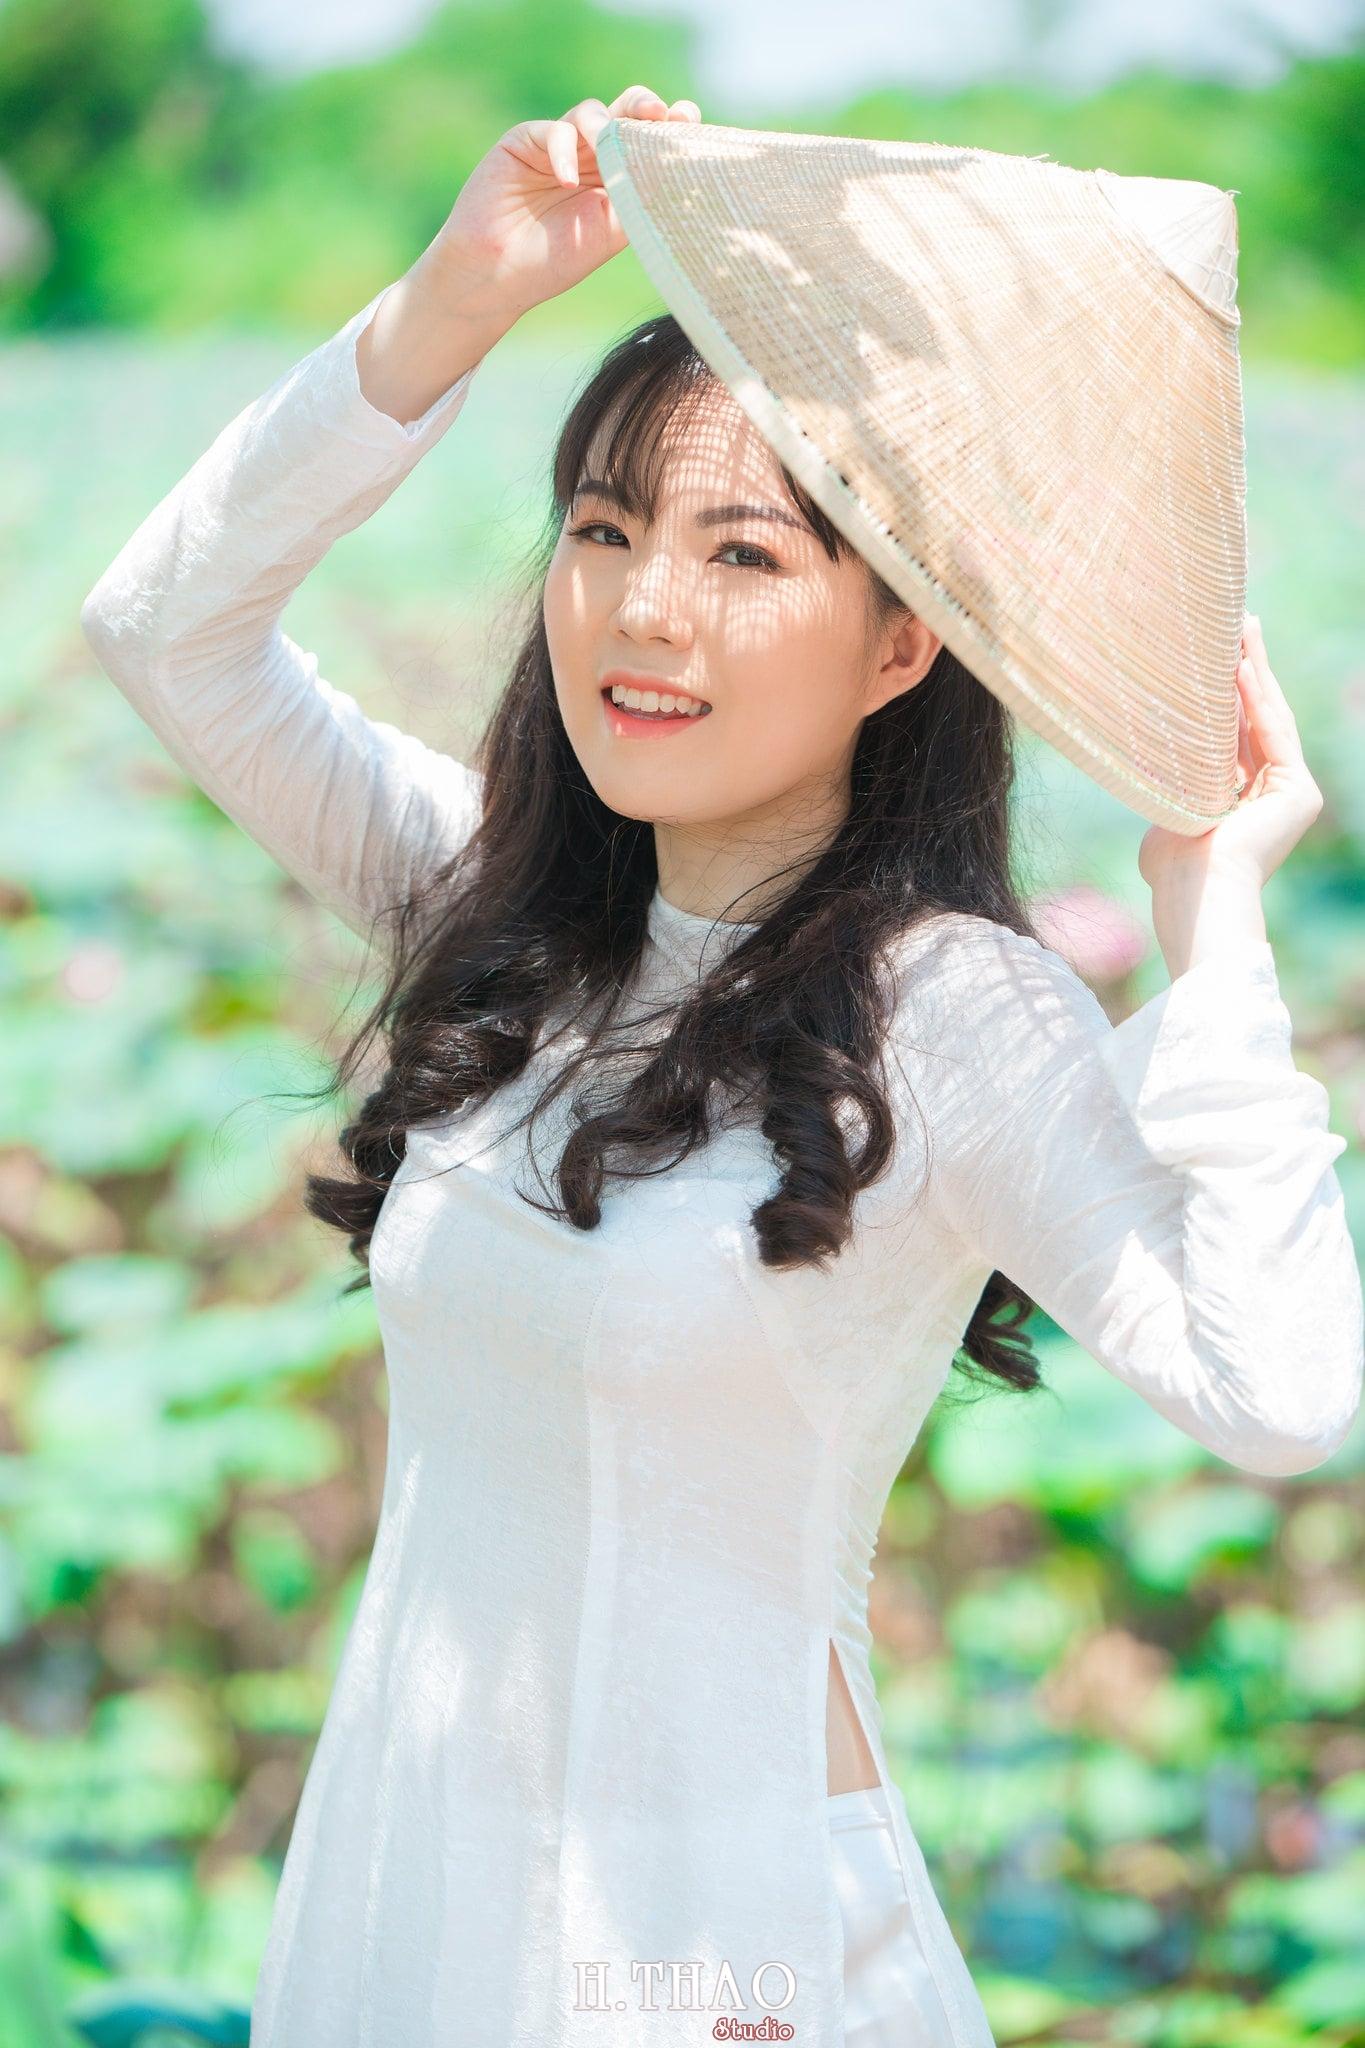 nh áo dài hoa sen 30 - Góc ảnh thiếu nữ áo dài bên hoa sen đẹp tinh khôi- HThao Studio